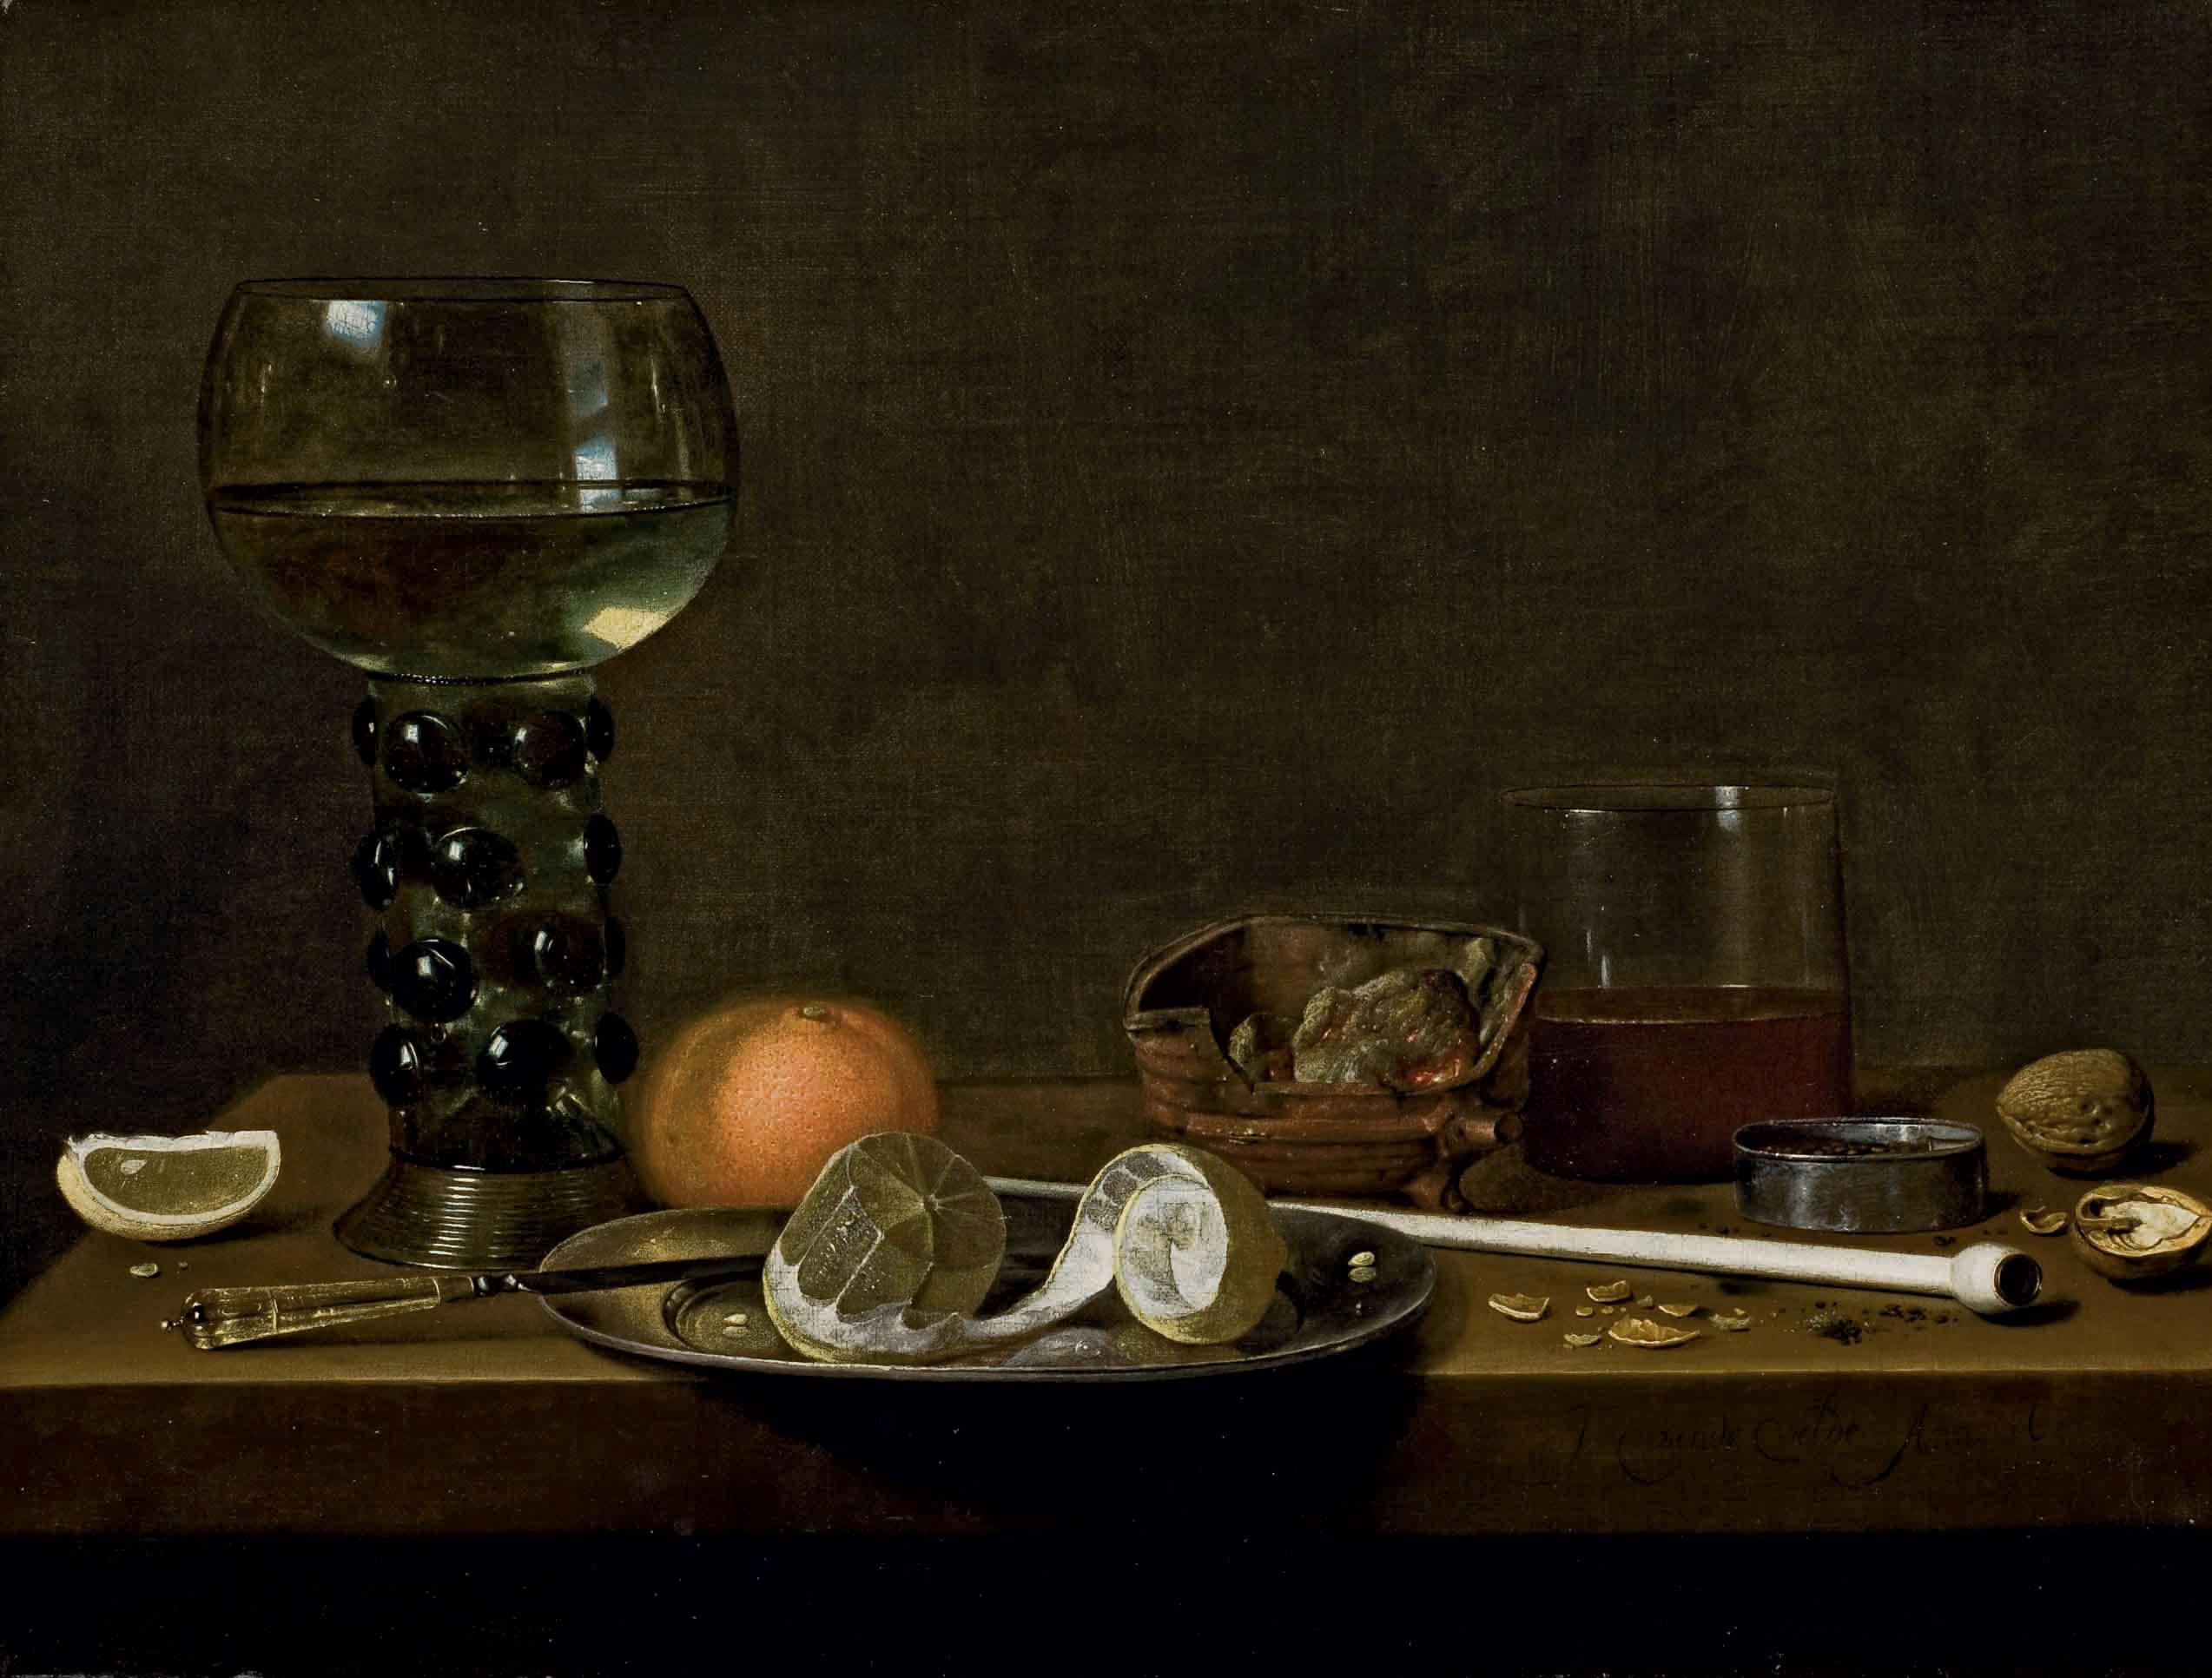 Roemer, citron pelé, orange et divers objets posés sur une table